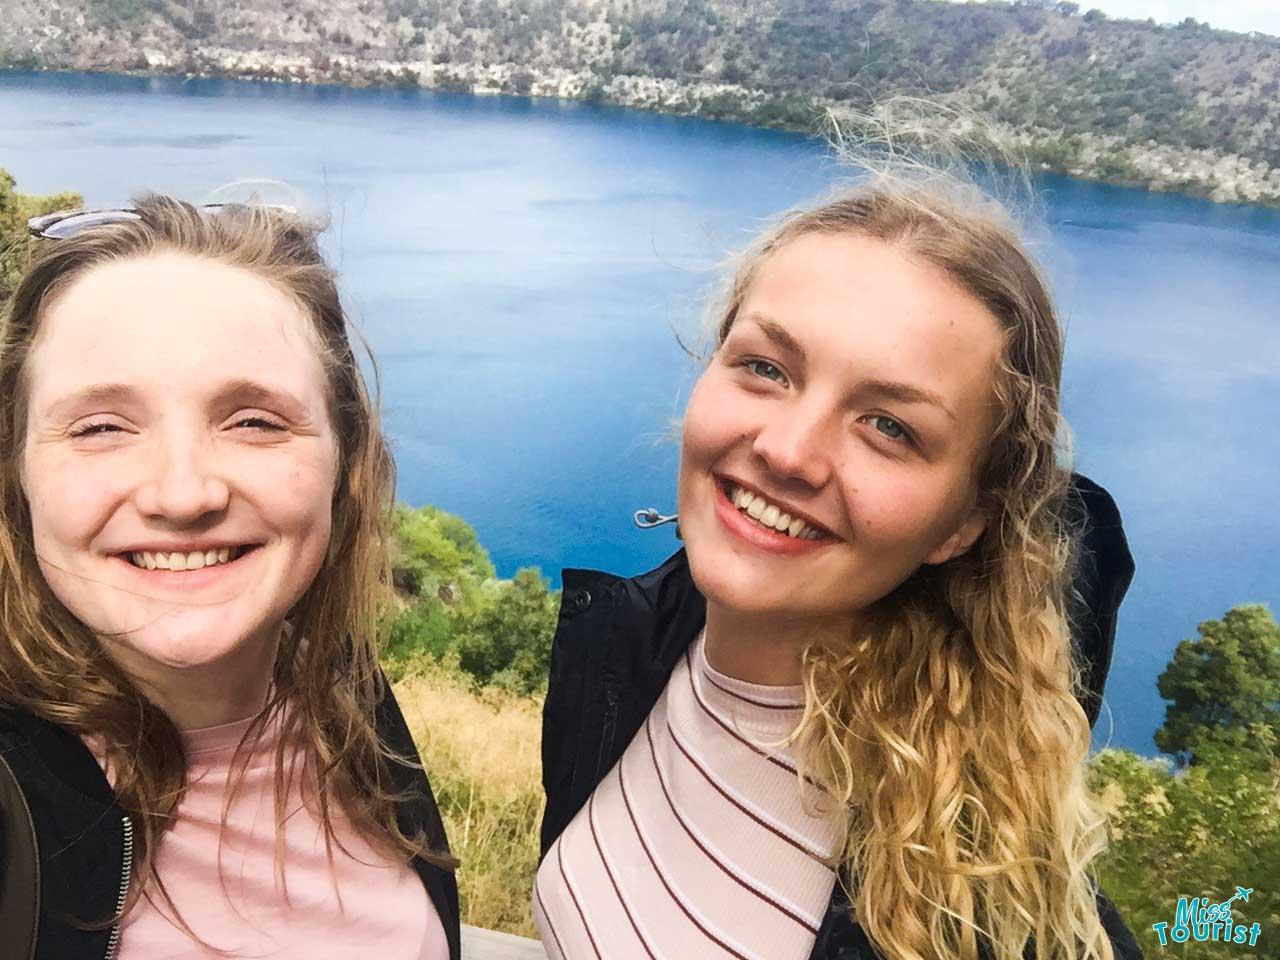 Blue Lake, Mount Gambier - Amigos ¿Qué hacer en Mount Gambier?